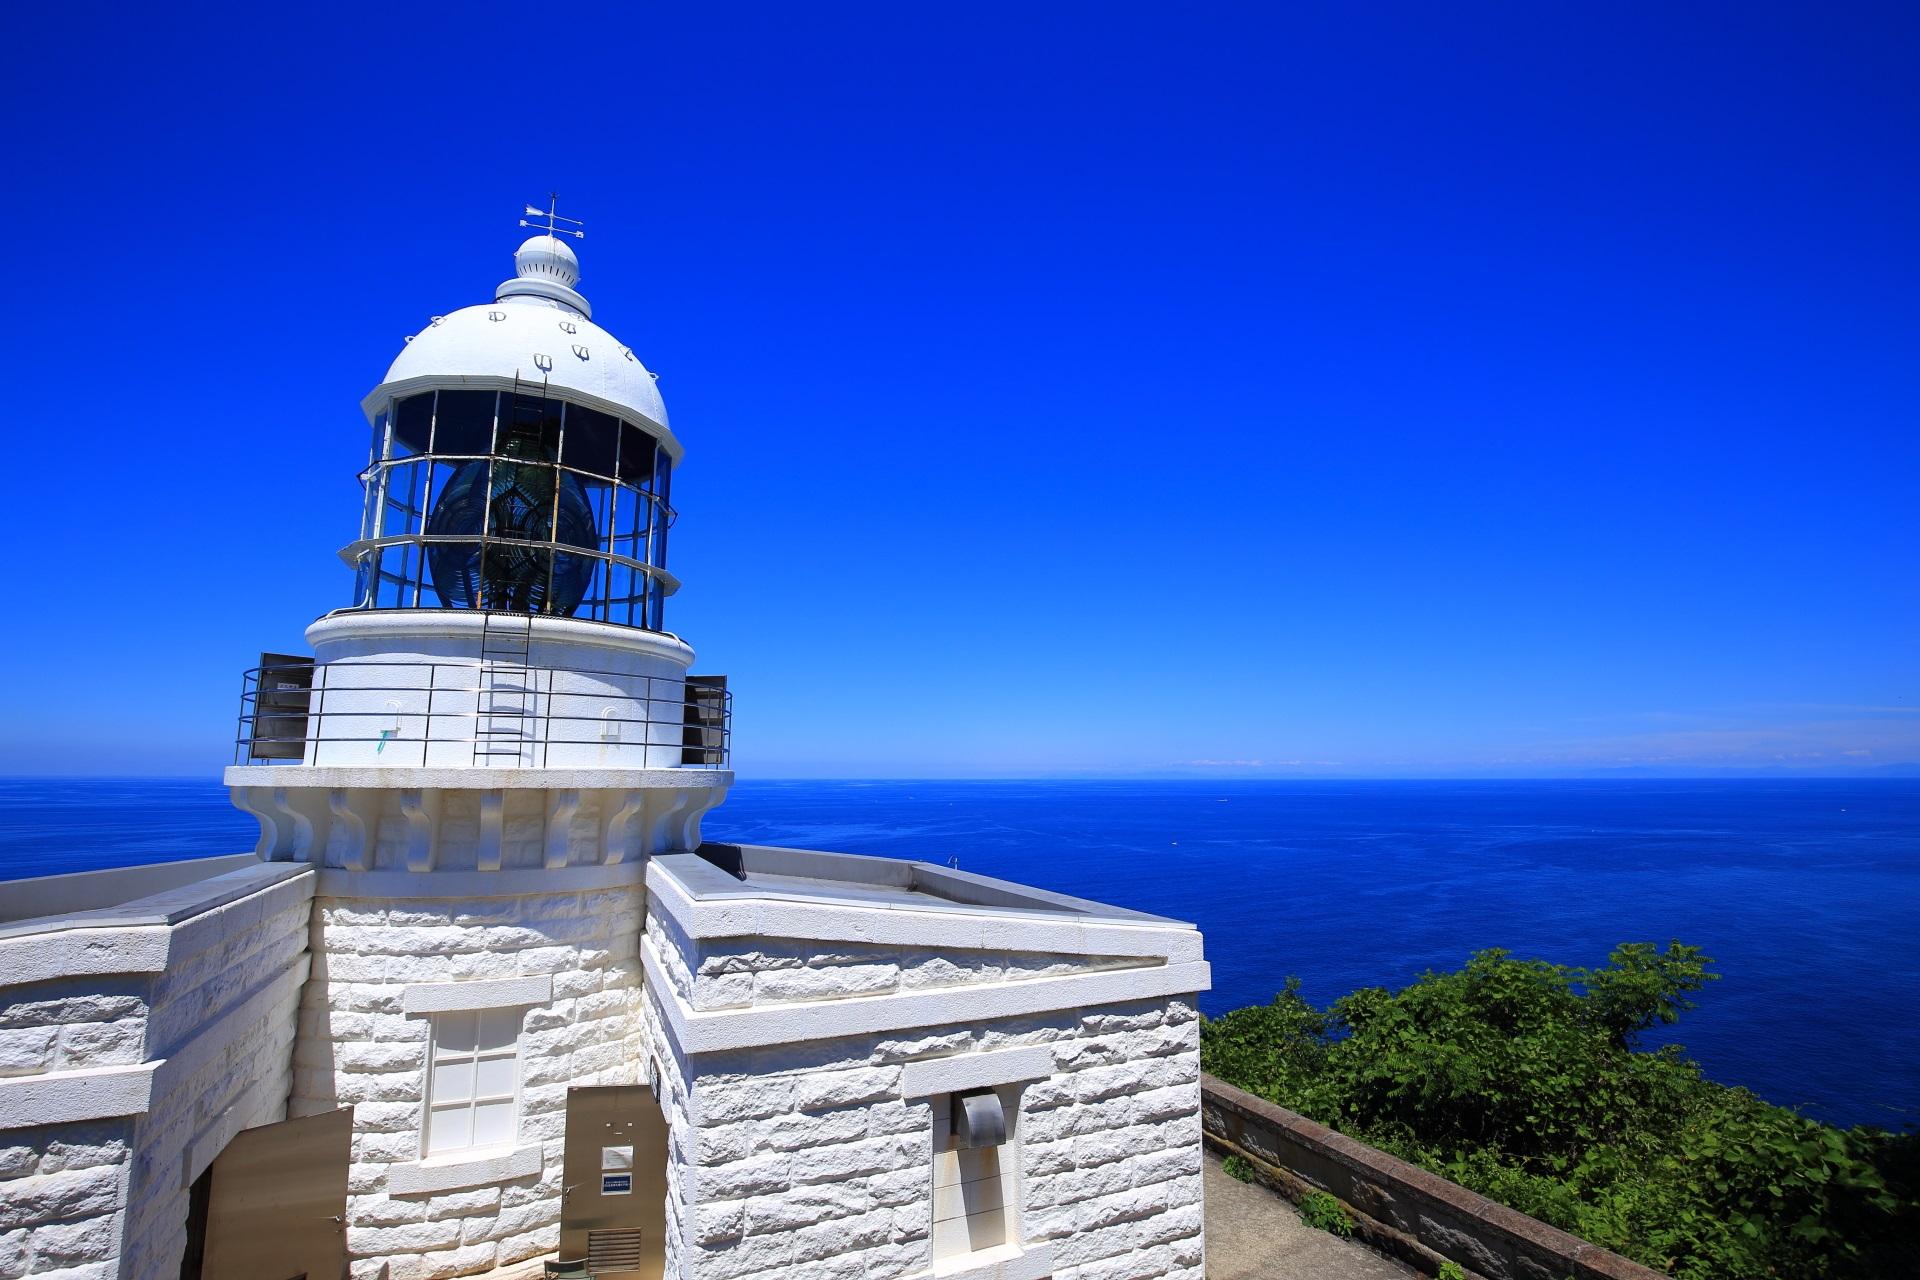 灯台の後ろから眺めた日本海と経ヶ岬灯台